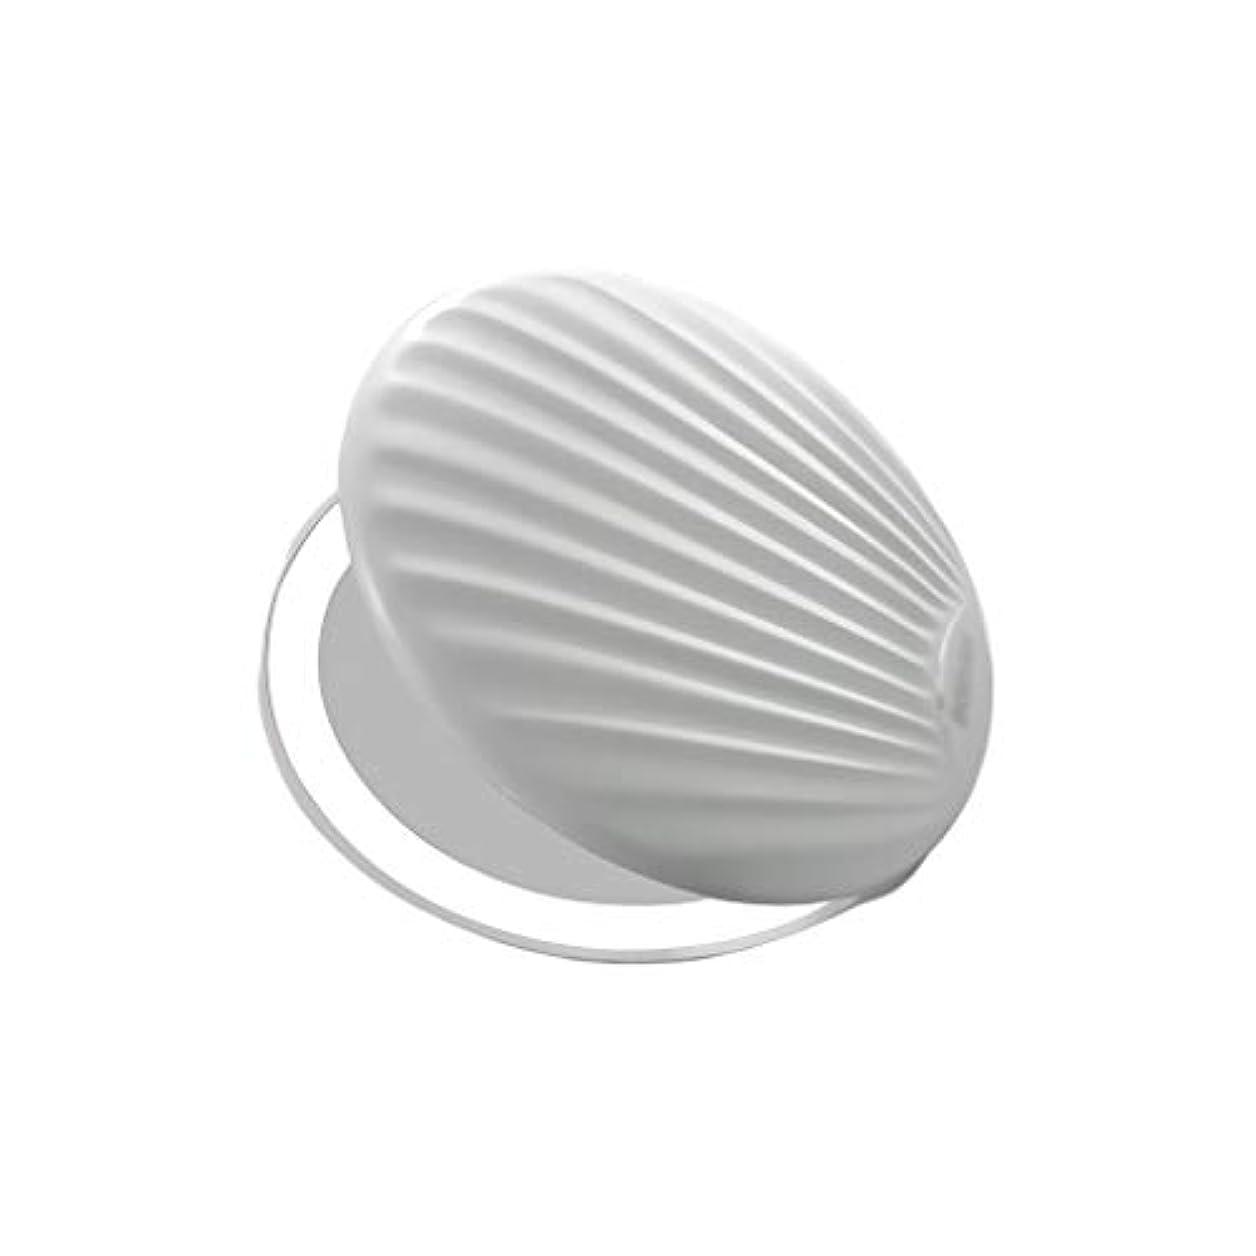 オークションコントロールやさしい高品質化粧鏡 小型ポータブル折りたたみミラー付きライト小型ミラーで充電LEDシェル化粧鏡 ポータブル (Color : White, サイズ : 9*9cm)